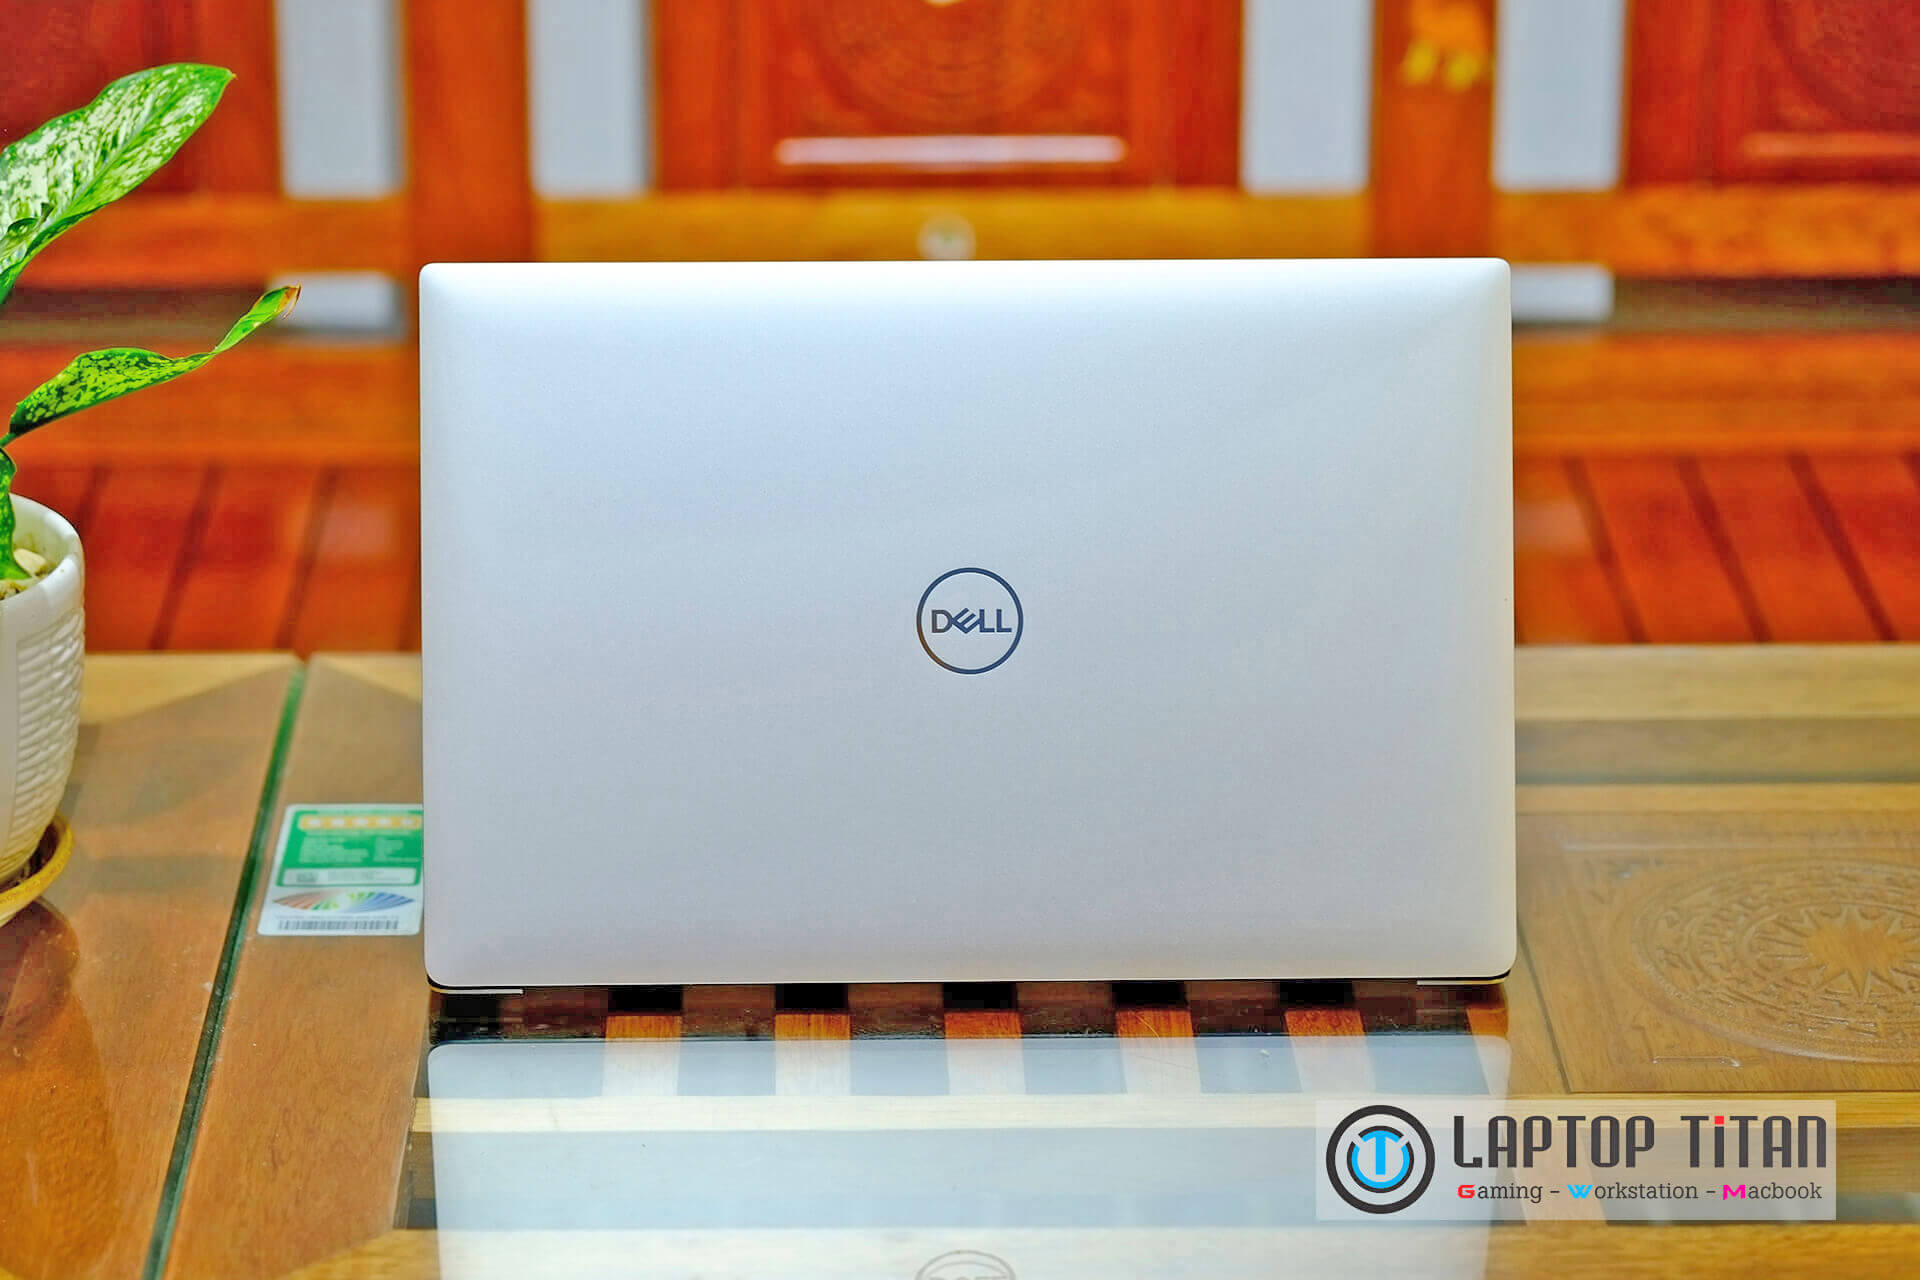 Dell Xps 15 9570 Laptoptitan 07